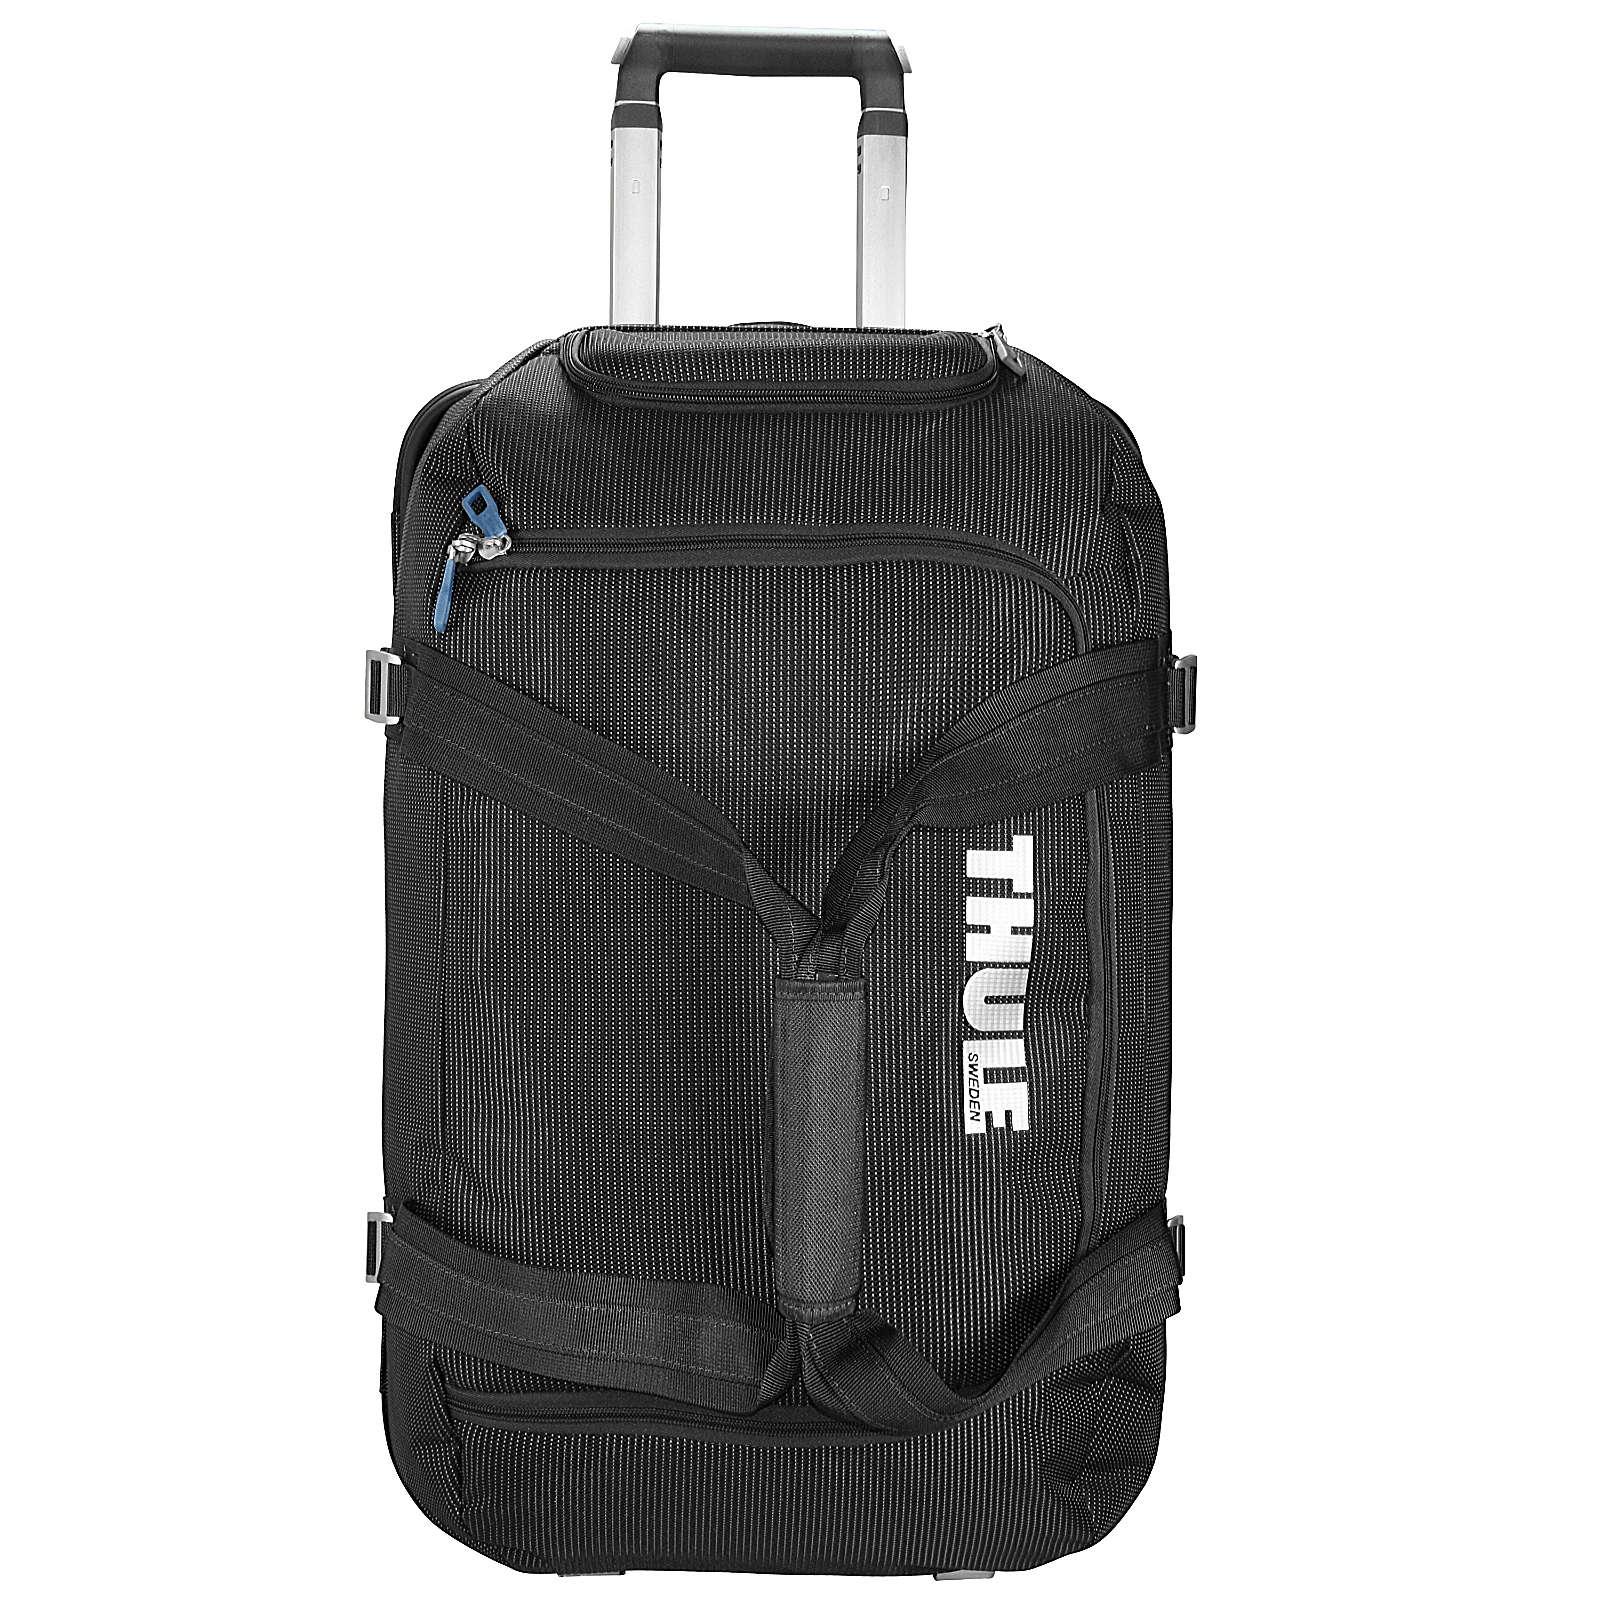 Thule Crossover 2-Rollen Reisetasche 64 cm schwarz